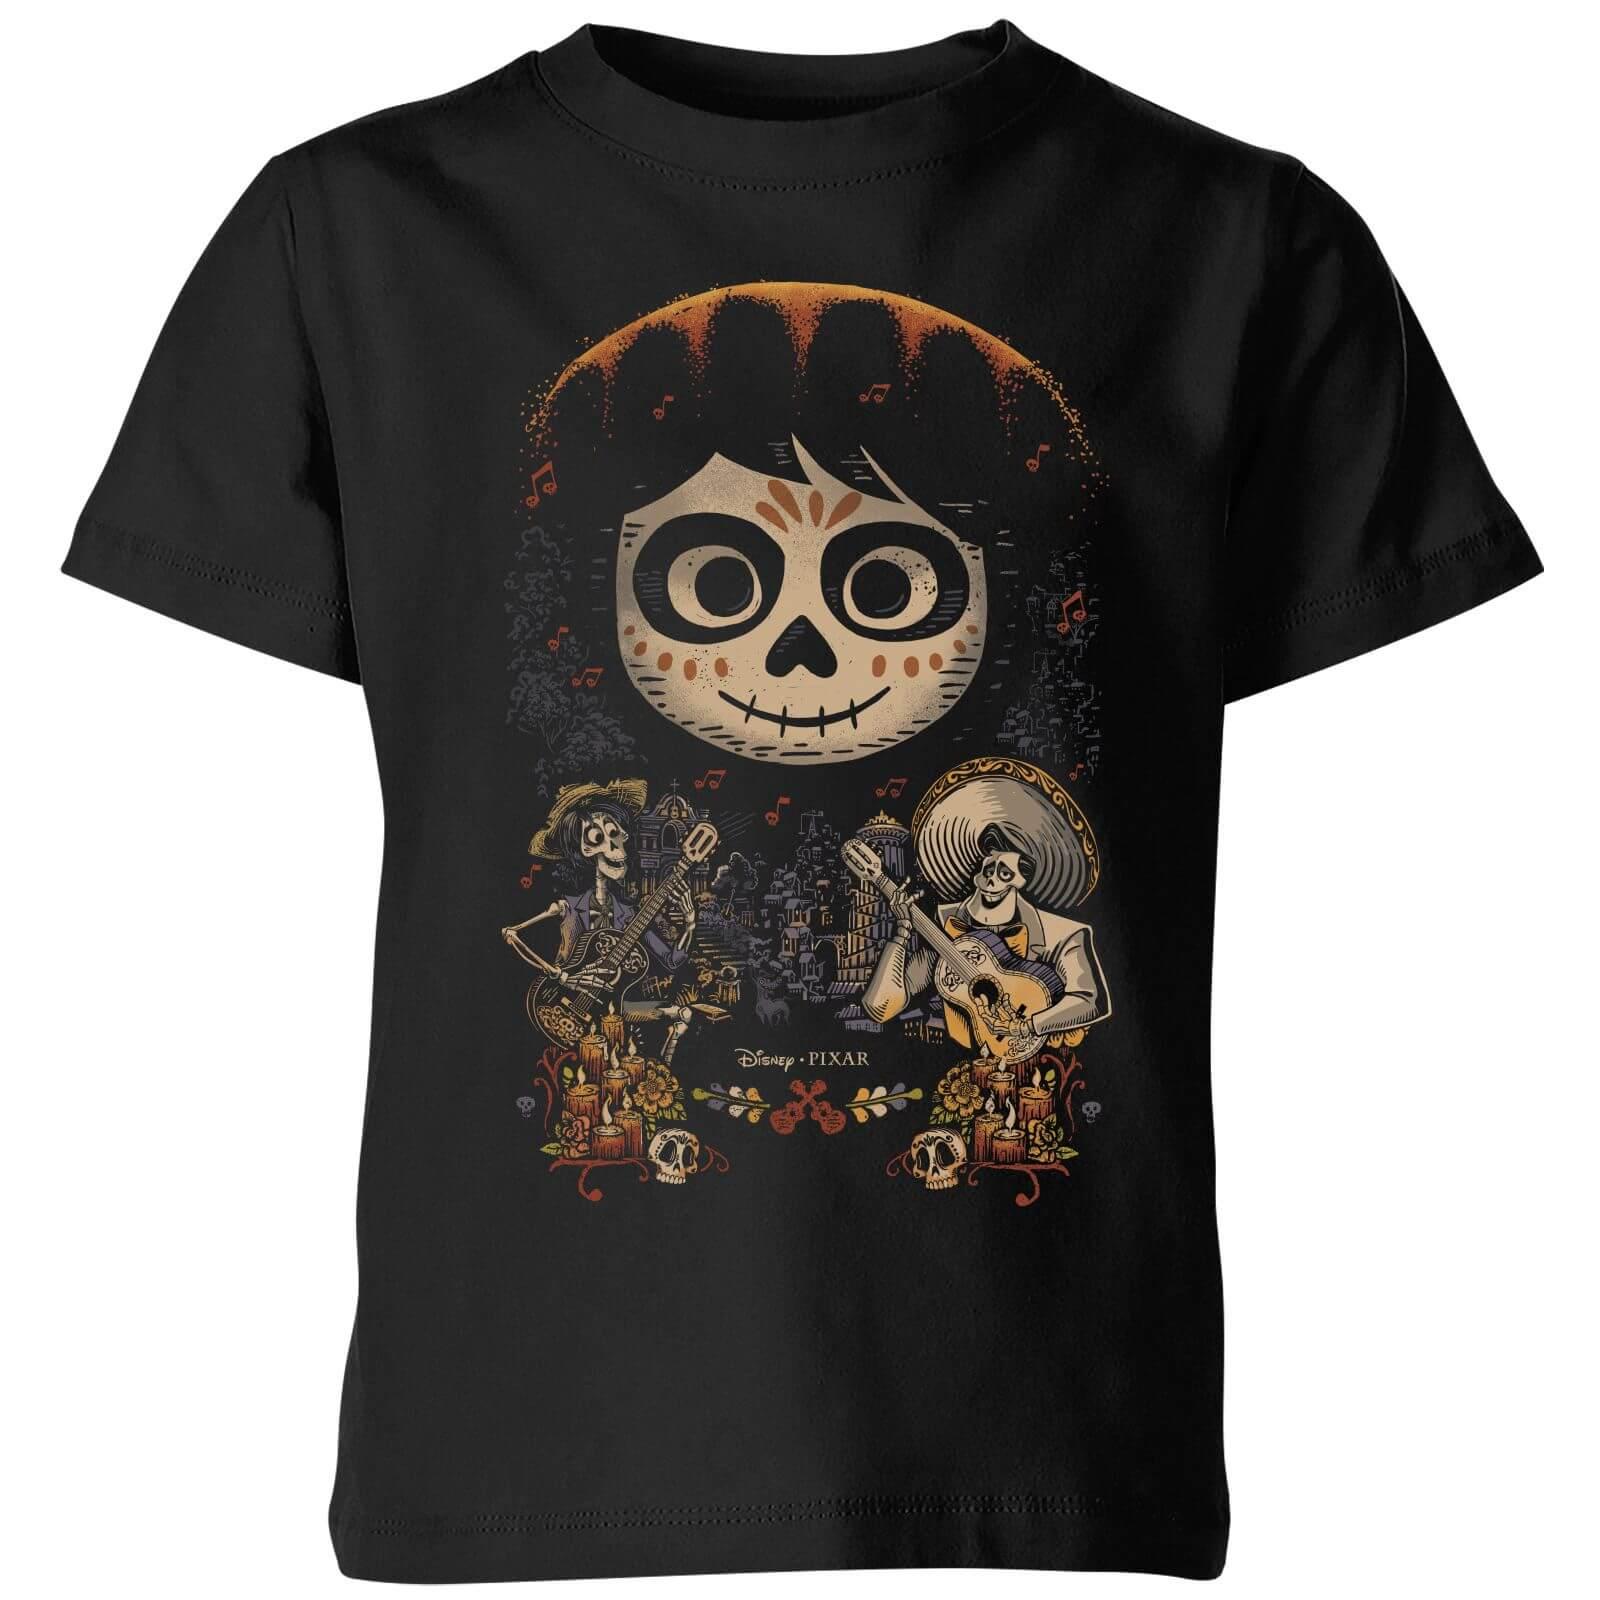 Pixar T-Shirt Enfant Visage Miguel Poster Coco - Noir - 7-8 ans - Noir